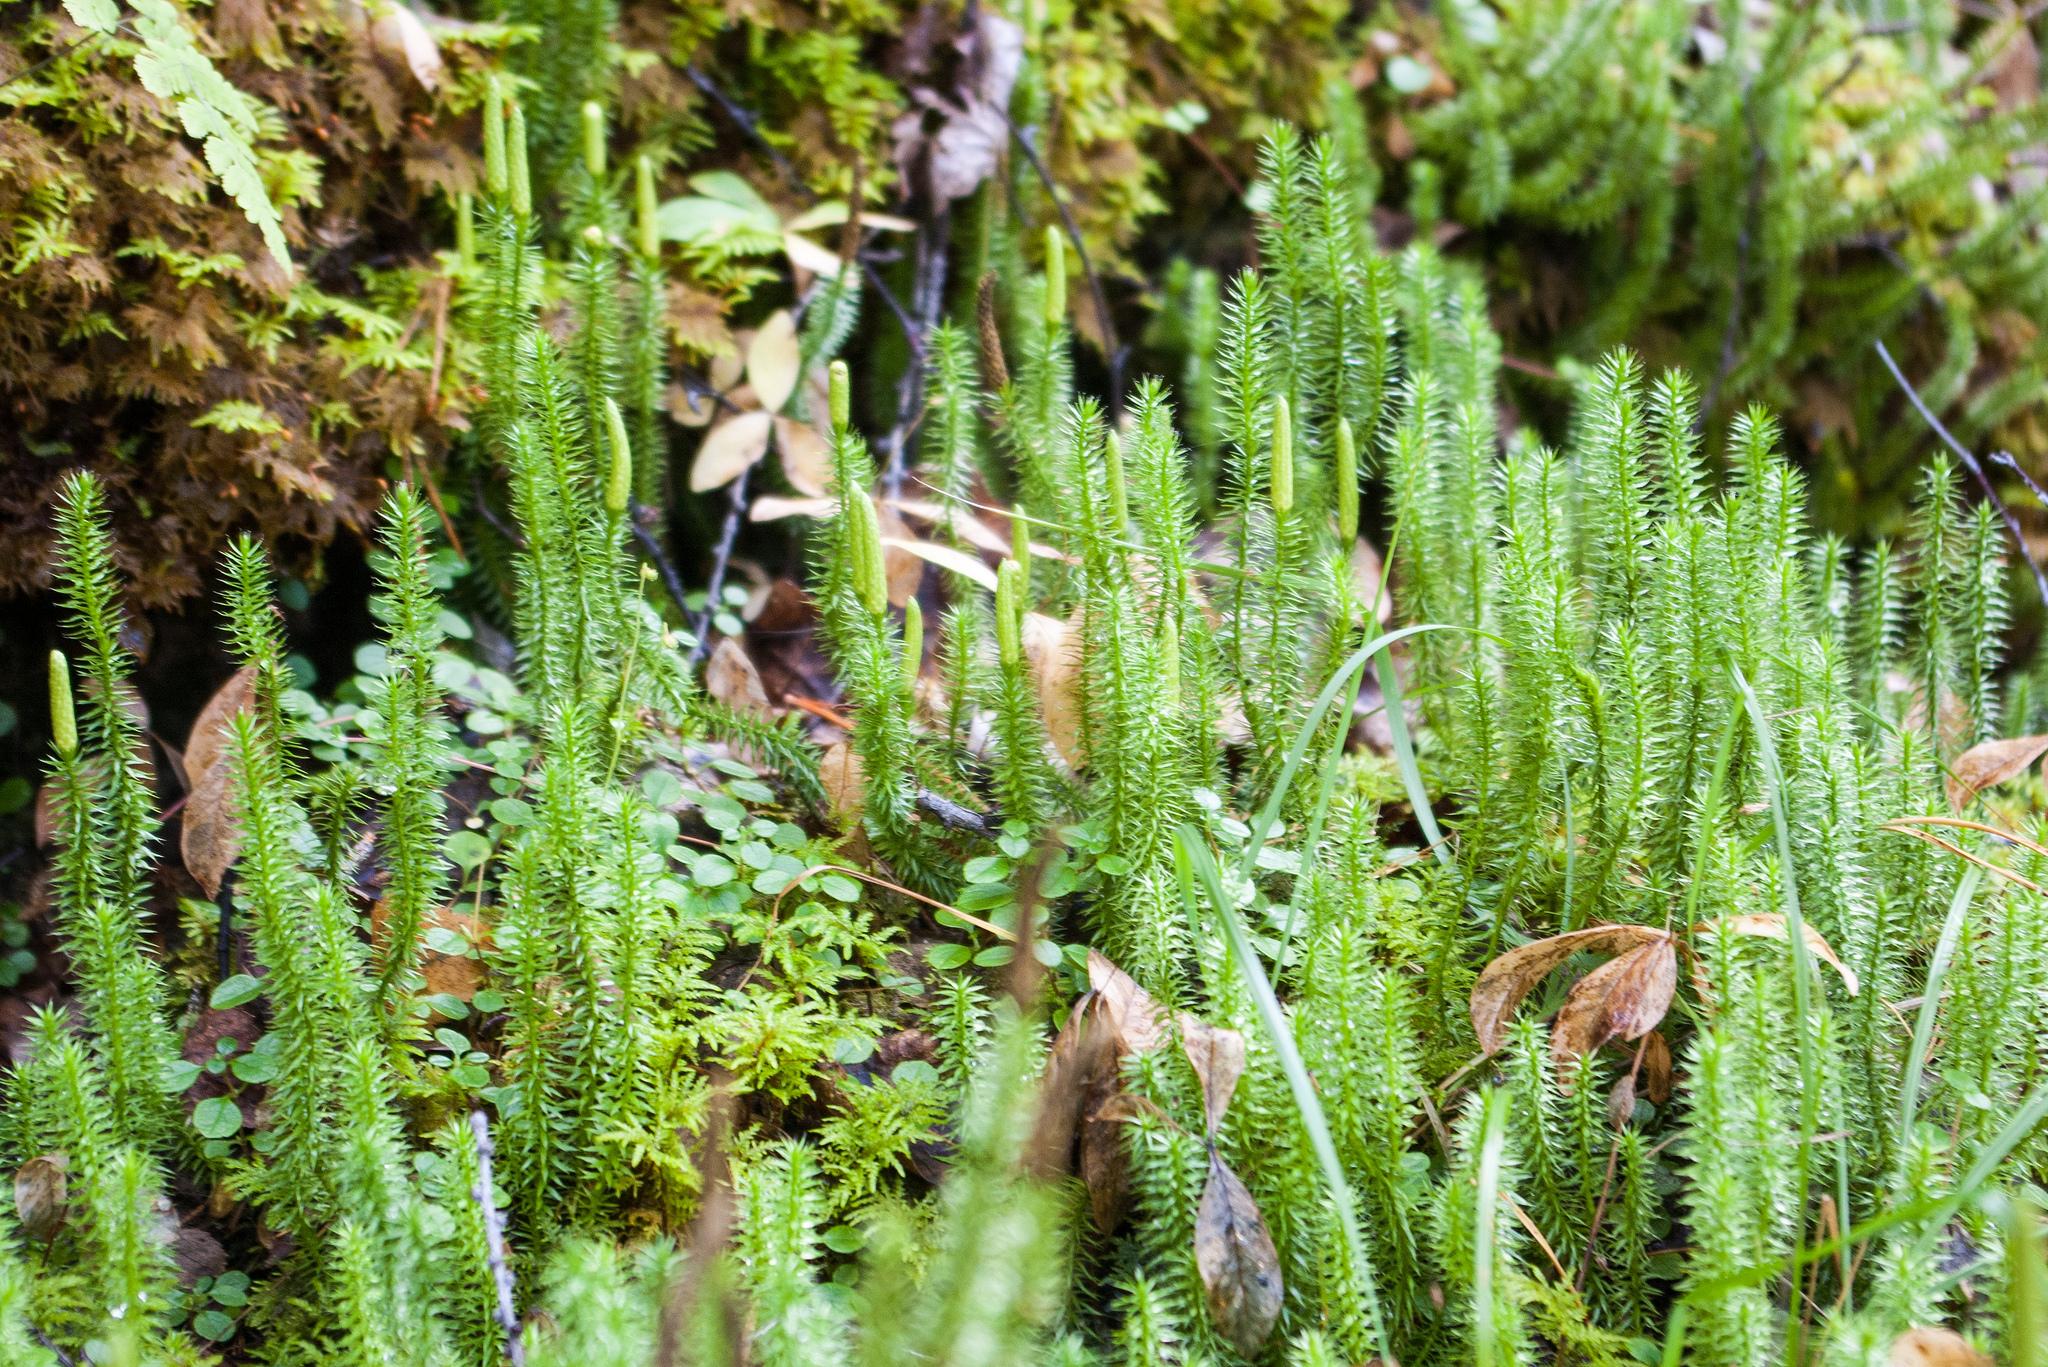 obicna crvotocina ljekovita biljka